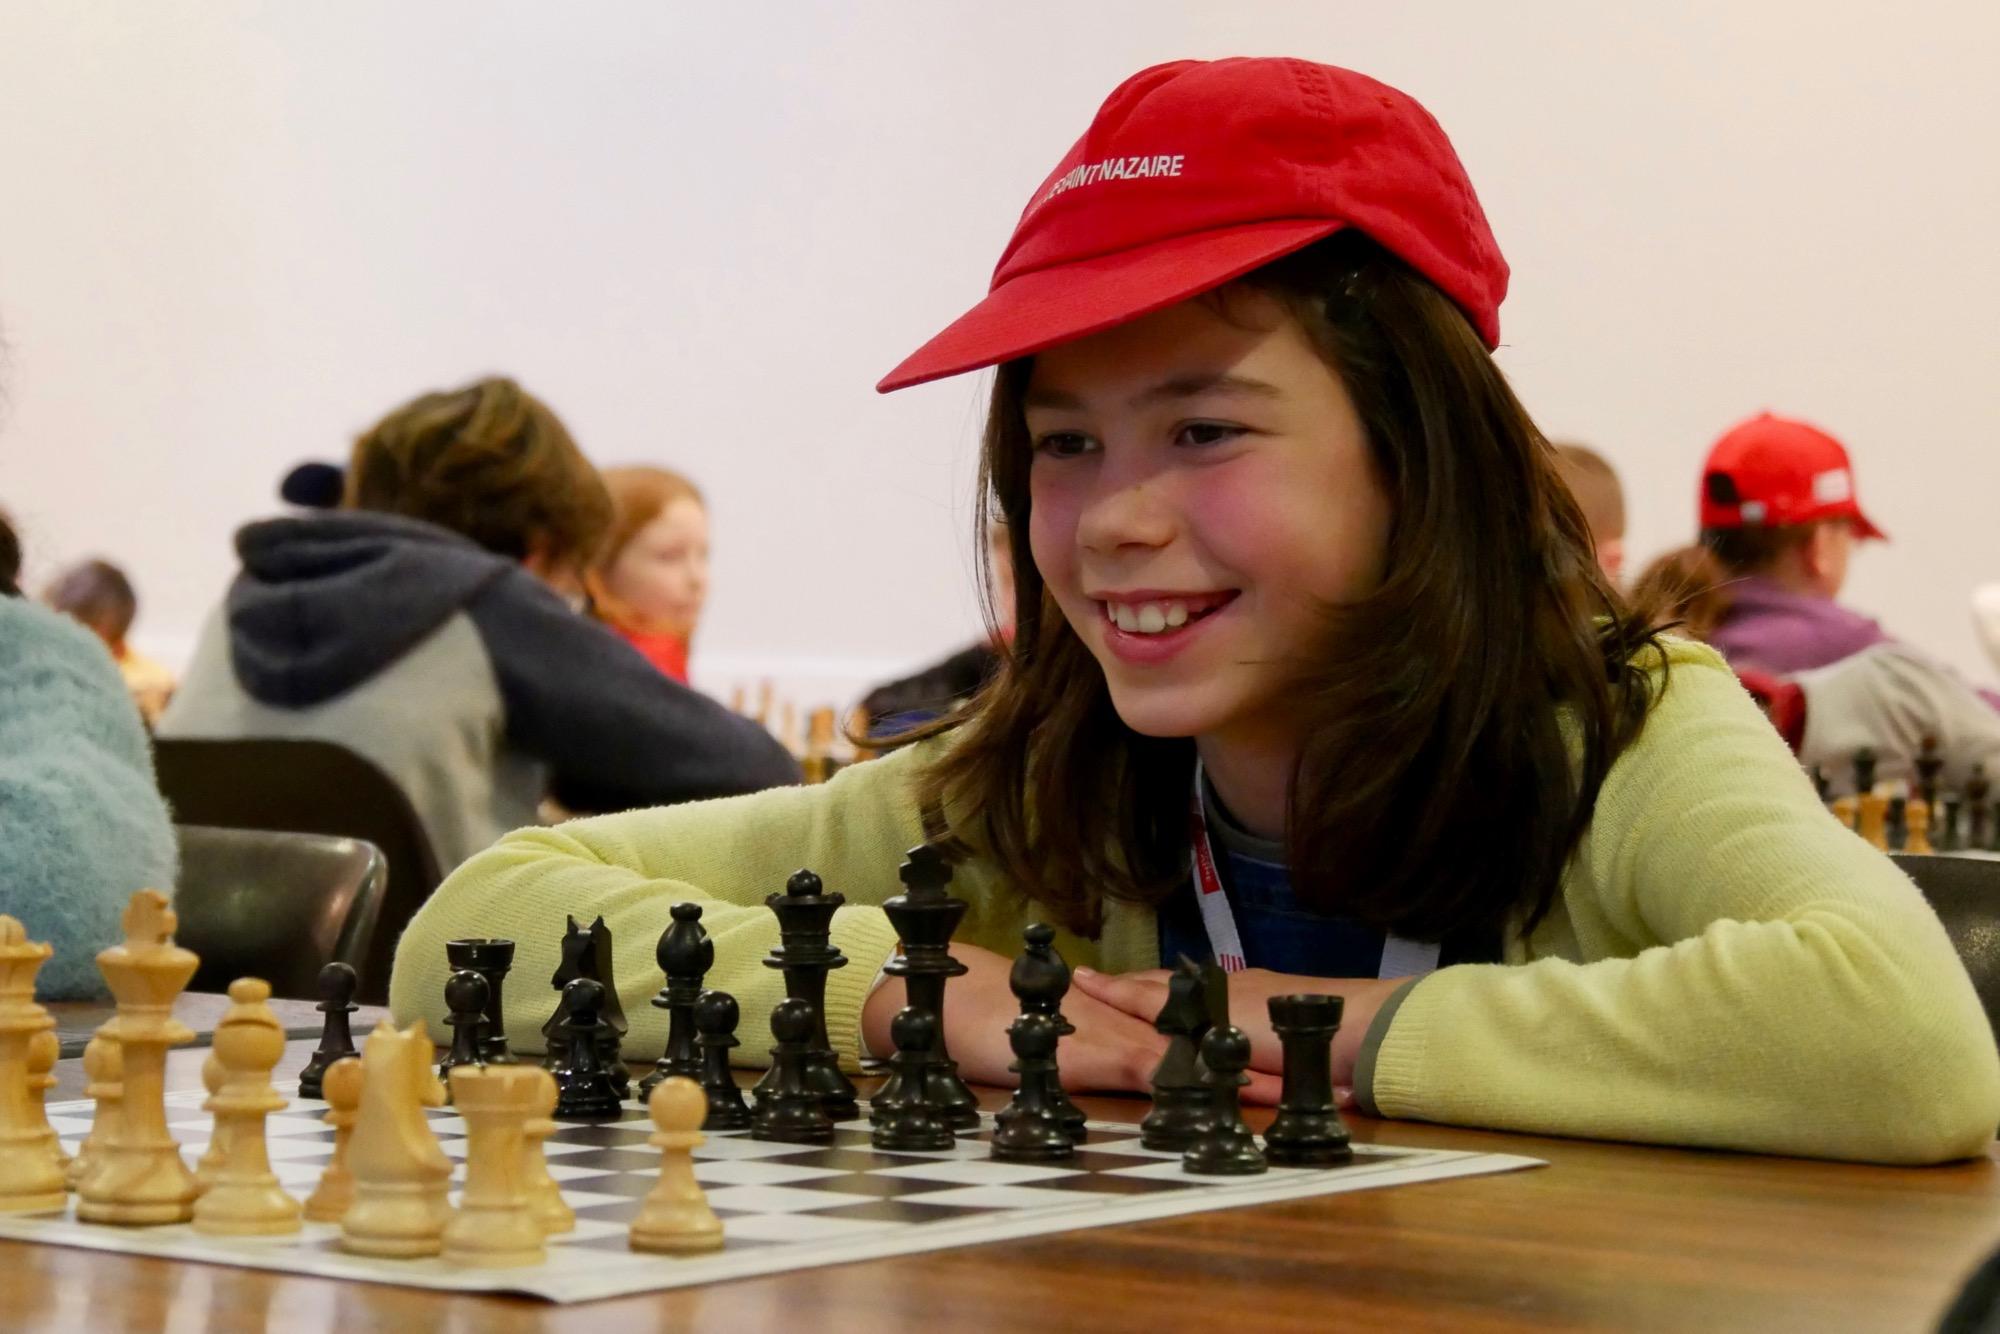 Les écoliers sont ravis de participer au tournoi d'échecs. Ils se qualifient pour la phase académique. (©Ville de Saint-Nazaire)